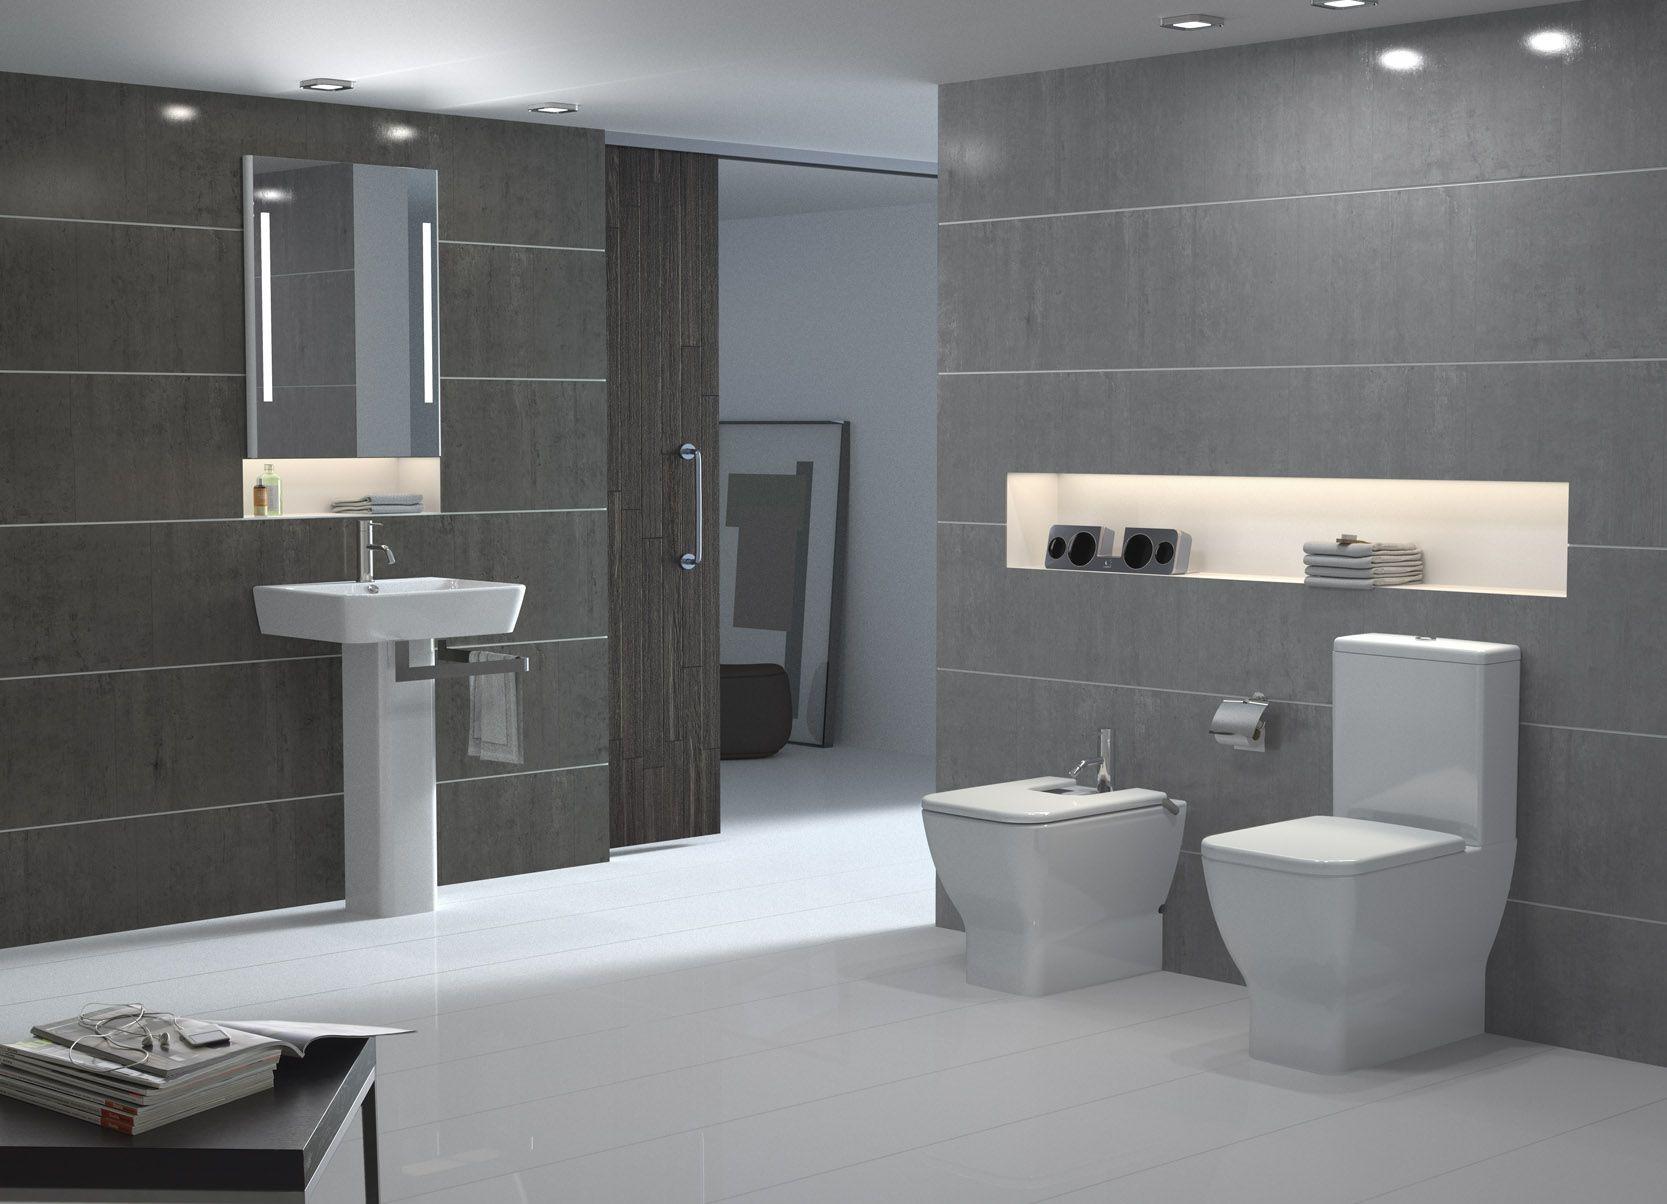 Office Bathroom Designs Dekoratif Banyo Tasarımları  Ev Aksesuarları Mutfak Banyo